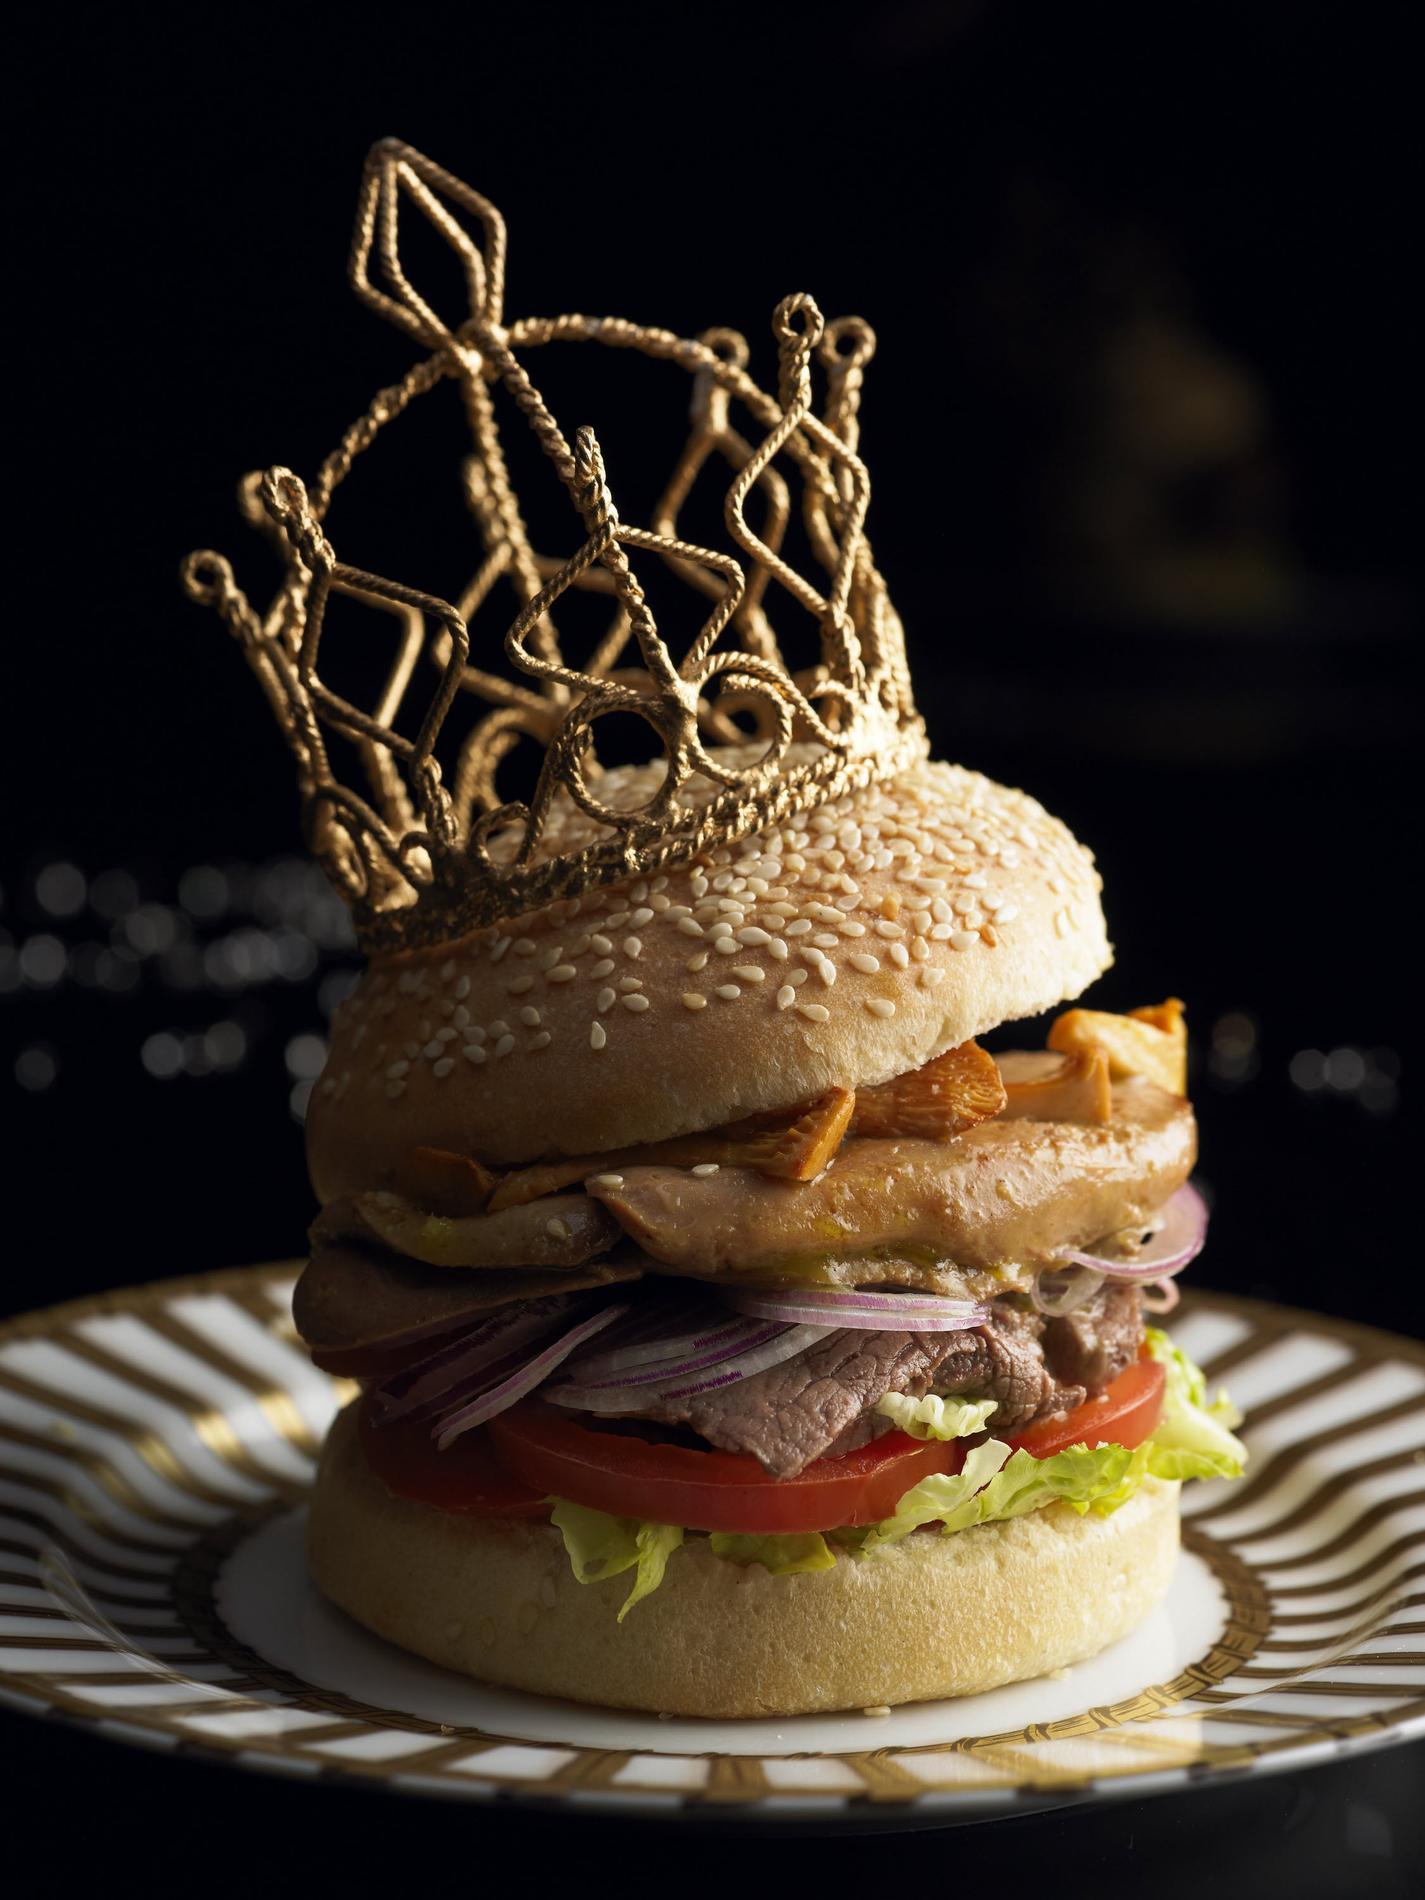 Recette burger foie gras et girolles cuisine madame figaro - Recette du foie gras ...